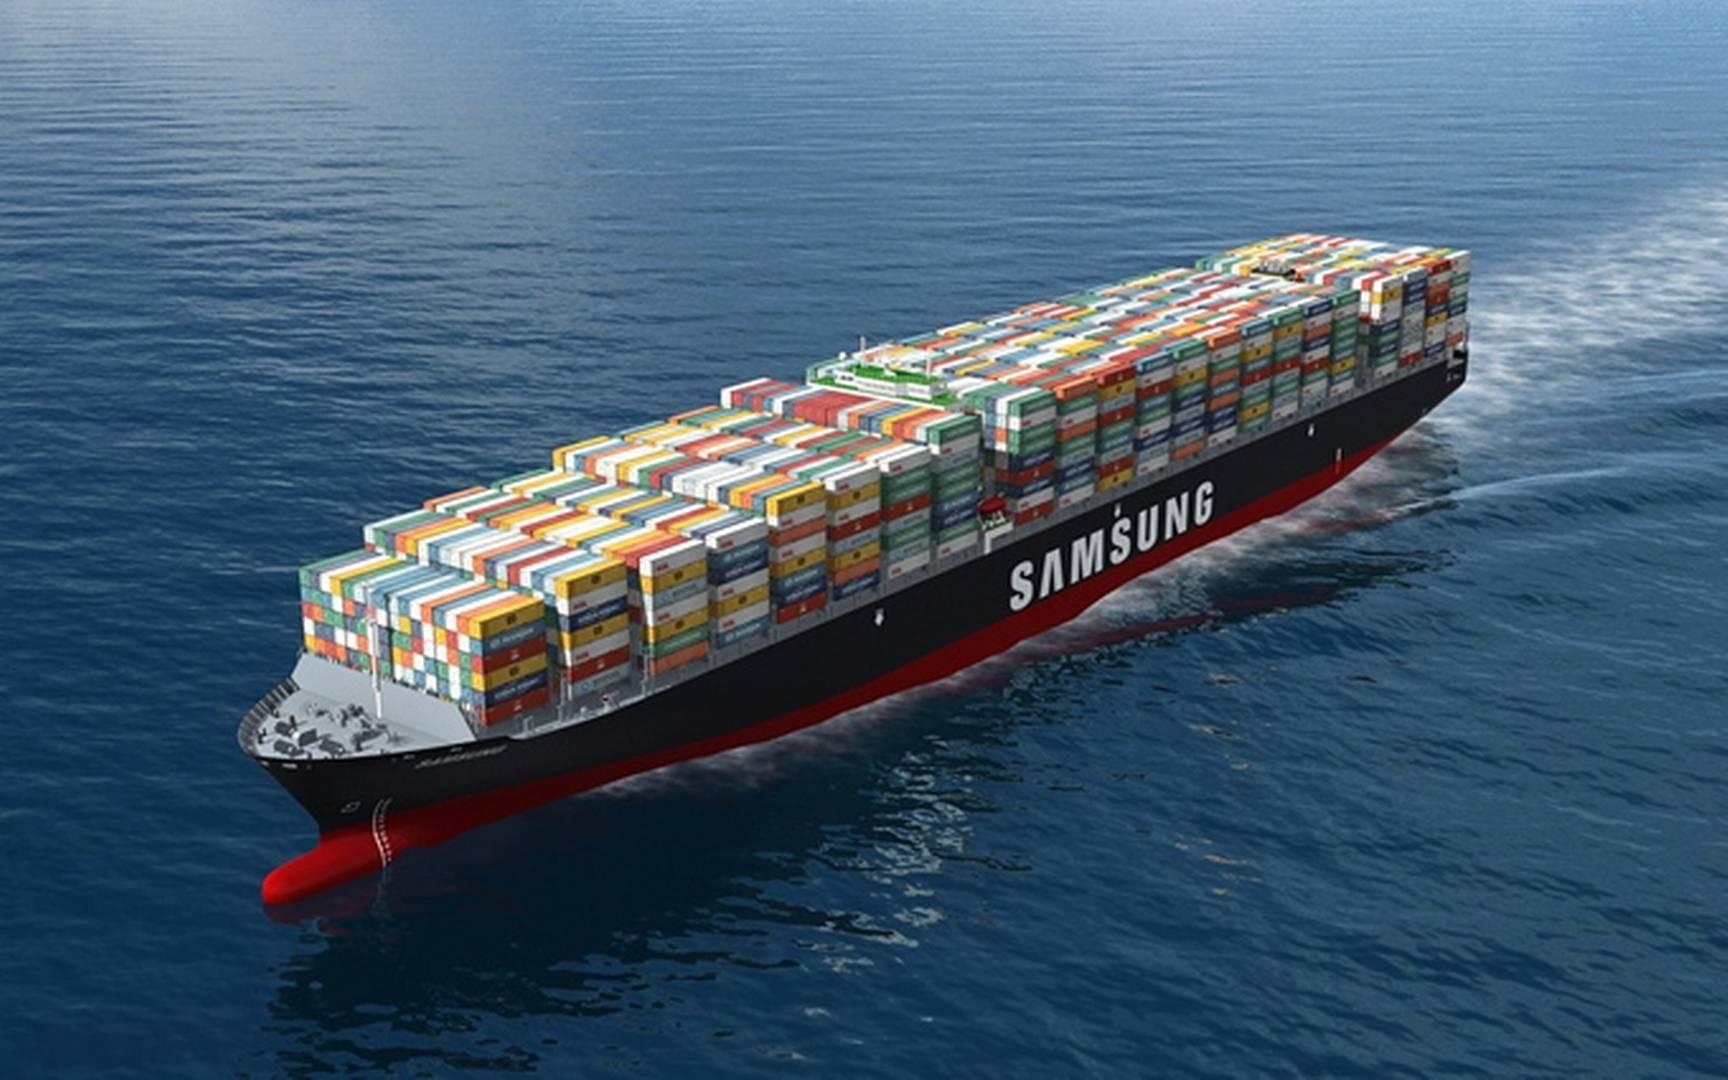 Samsung 21,100 TEU container ship render